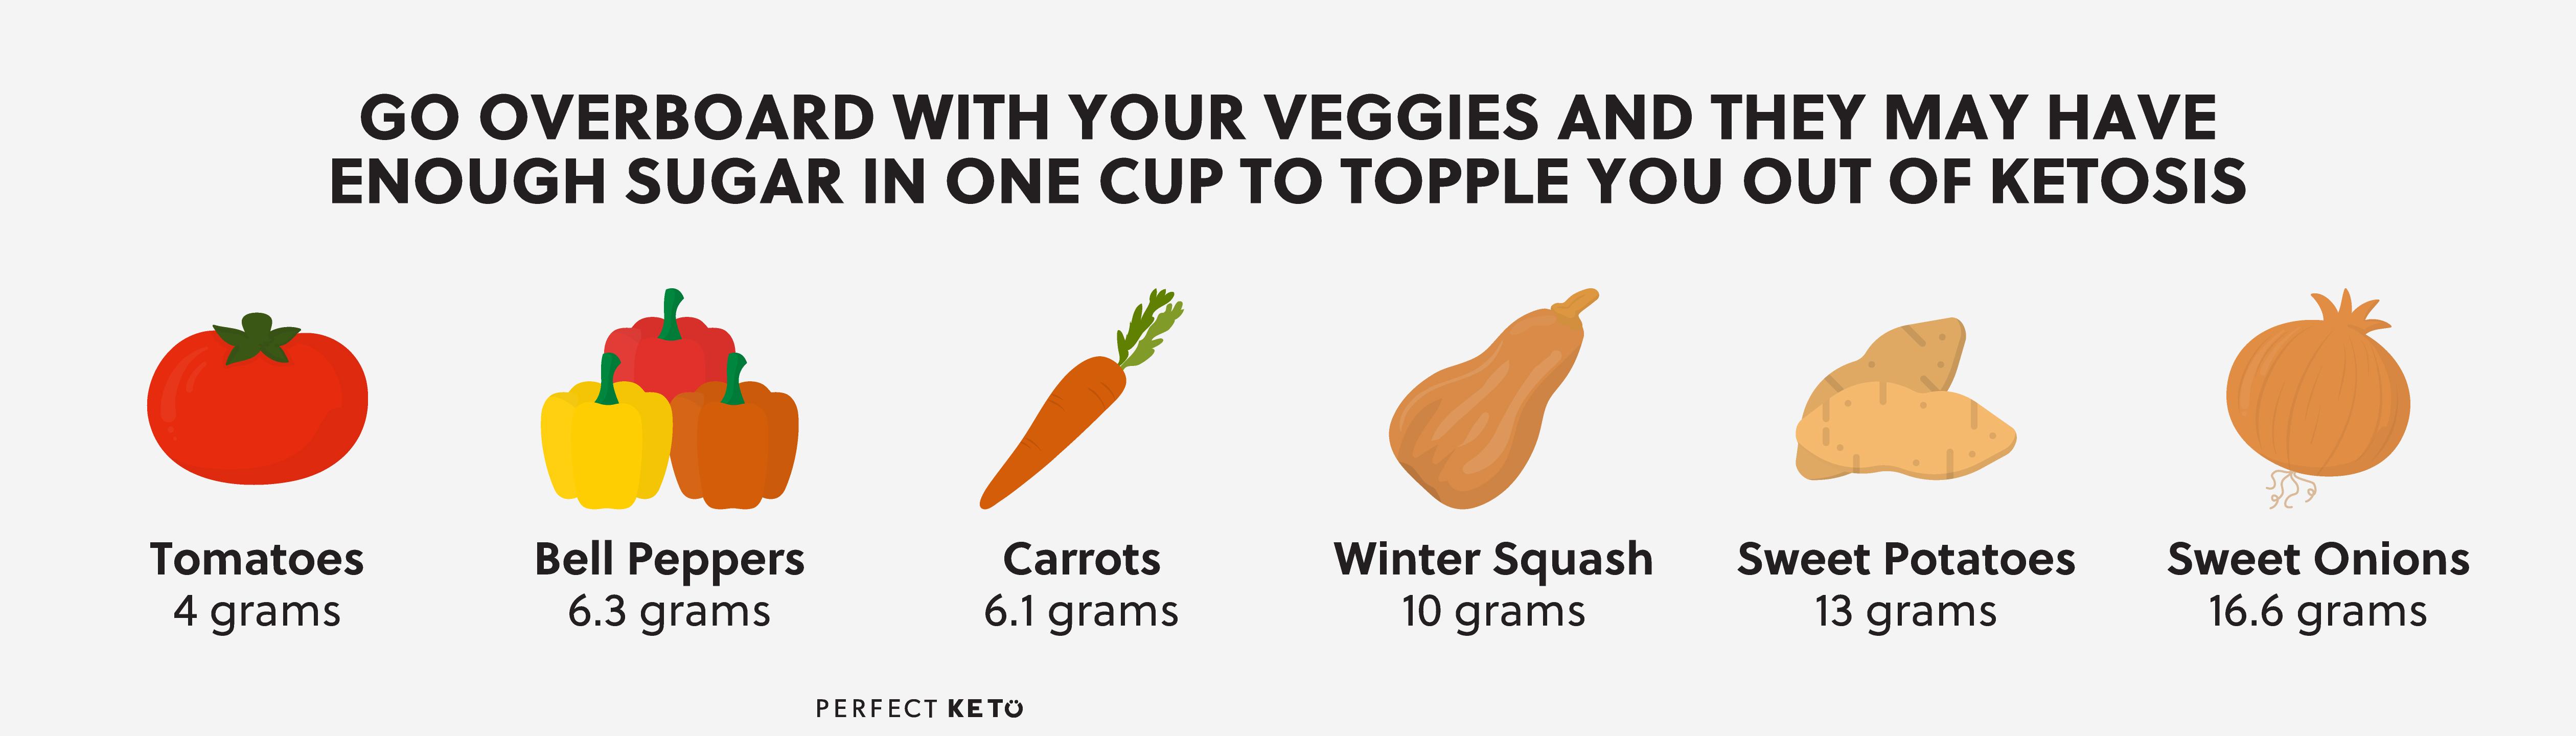 one-cup-vegetables-hidden-sugars.jpg